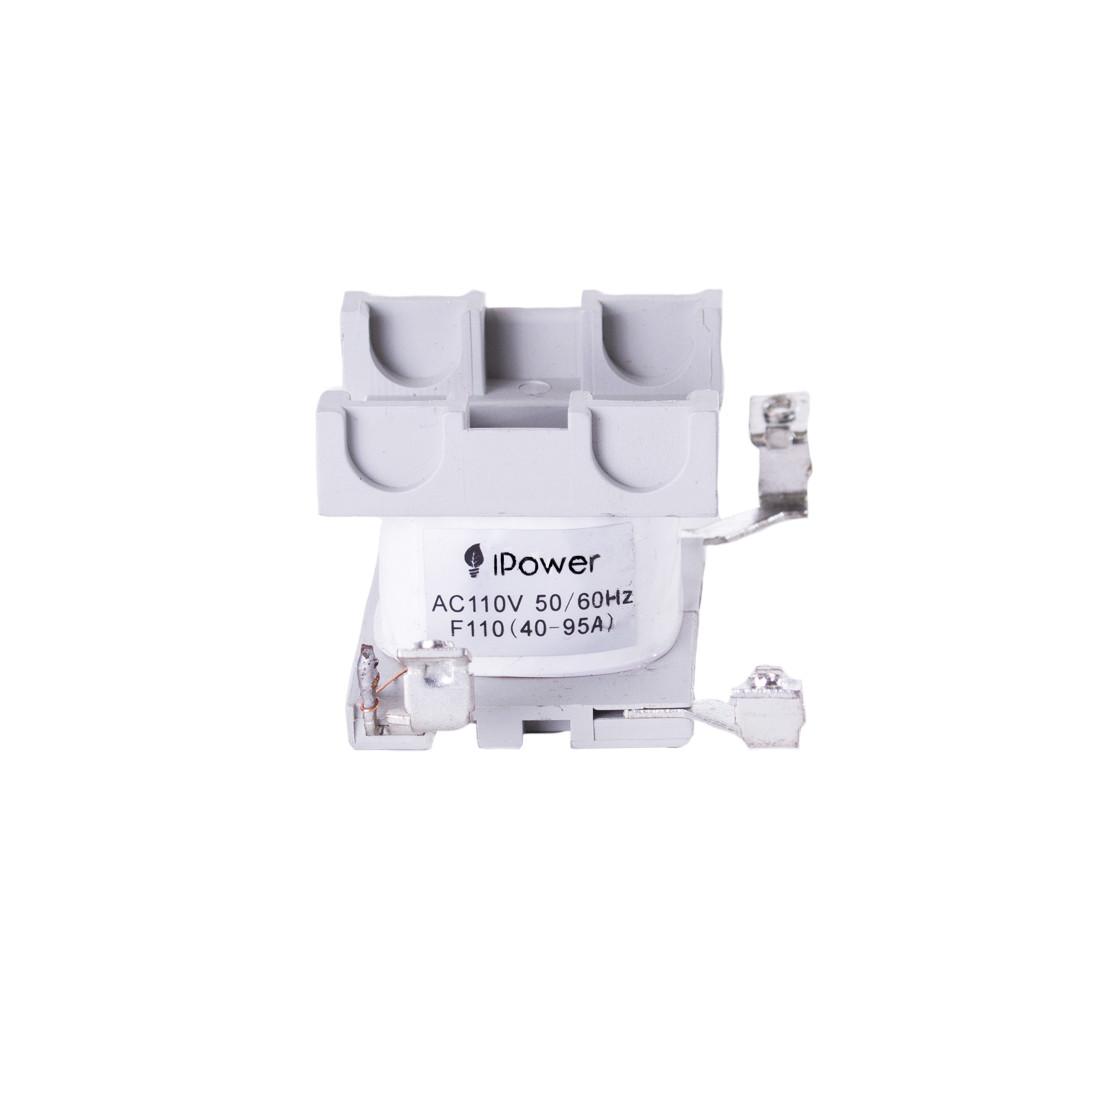 Катушка управления iPower F24 (40-95А) АС 24V 50/60HZ